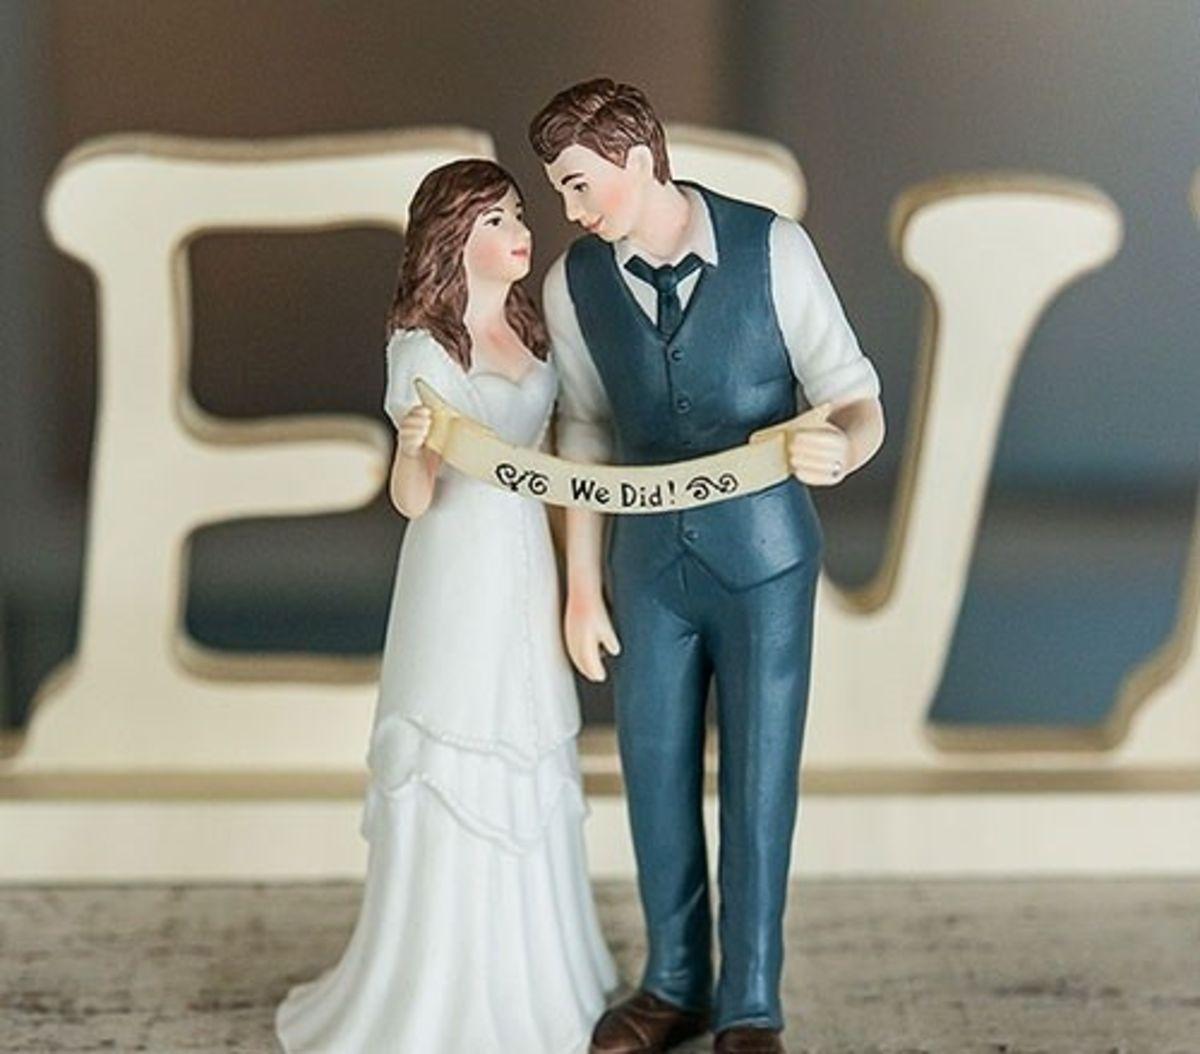 Viking Wedding Cake Toppers